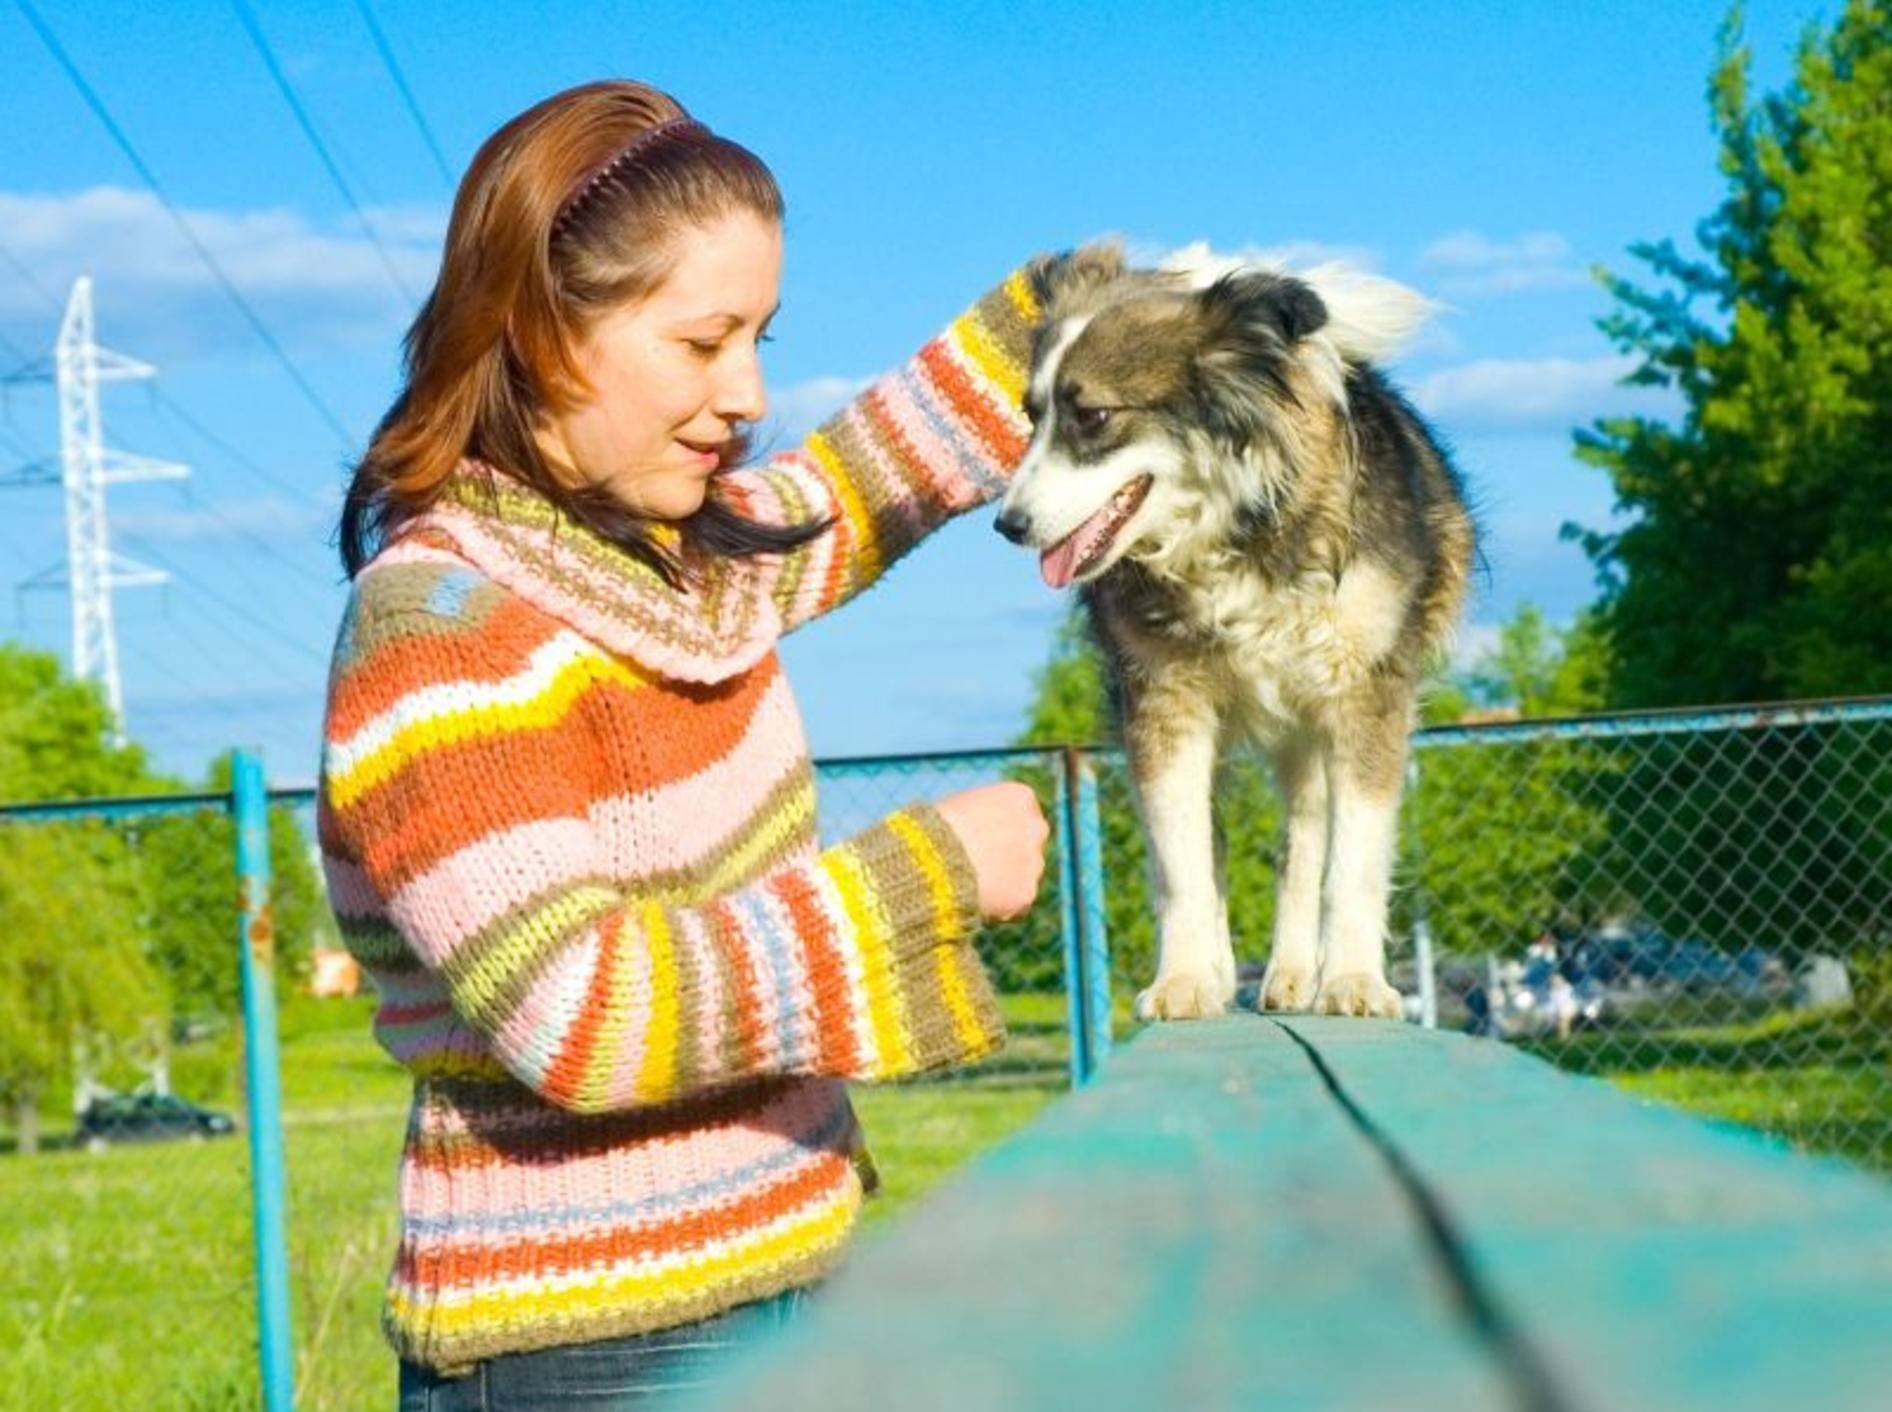 Das richtige Timing ist wichtig beim Clickertraining mit dem Hund — Bild: Shutterstock / siamionau pavel